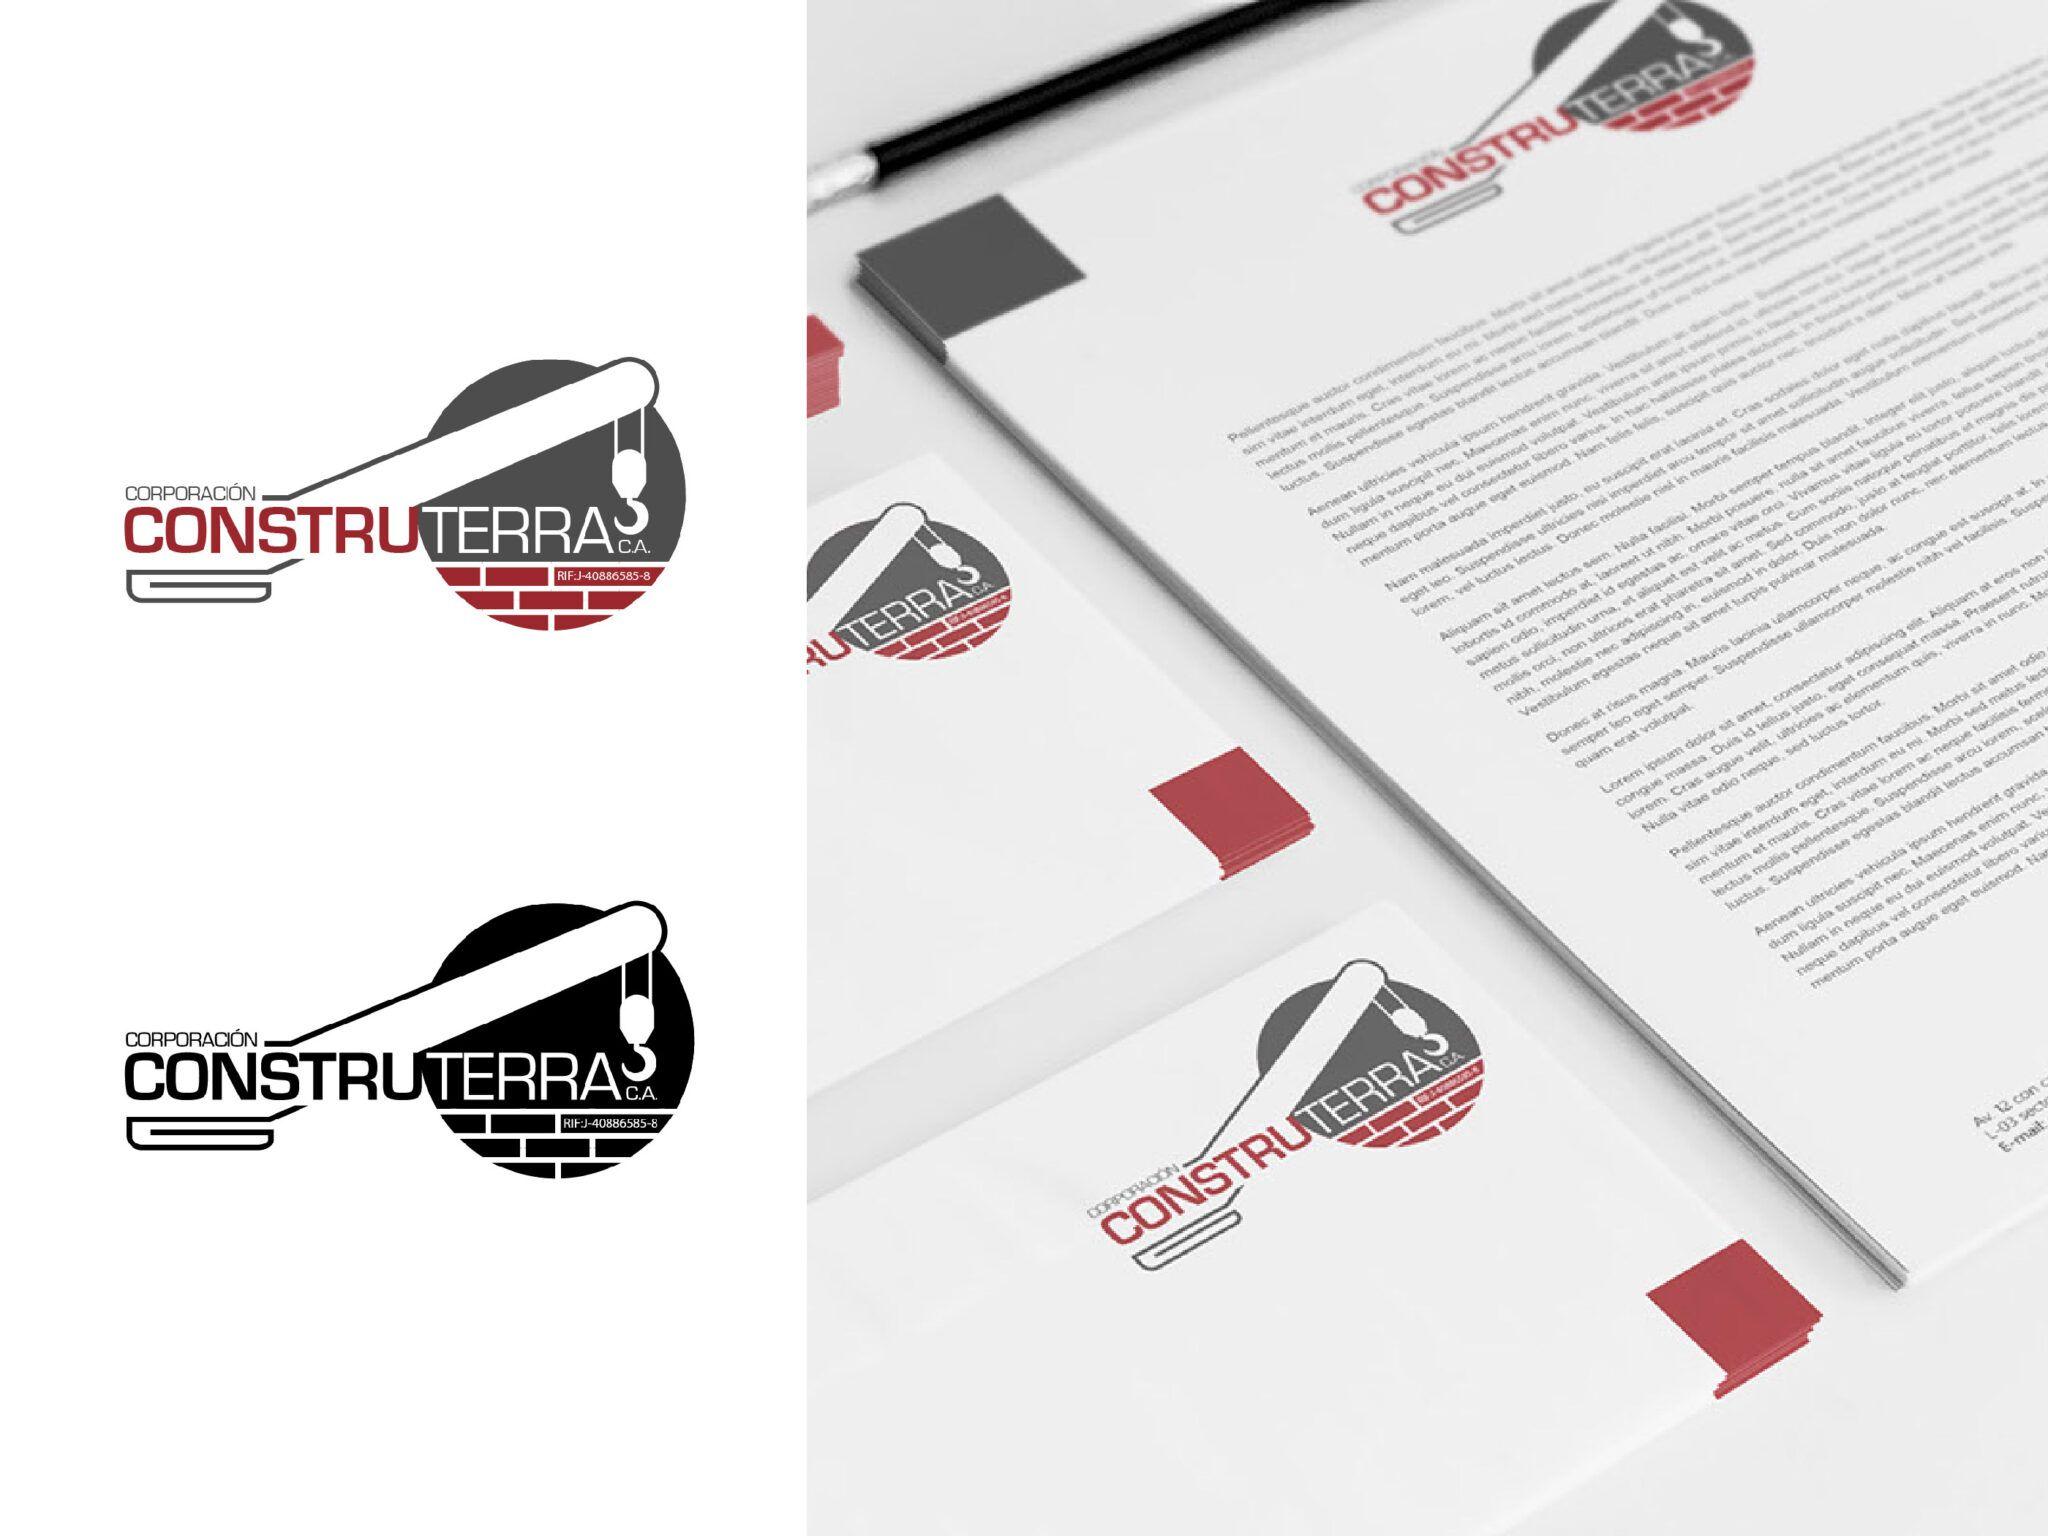 Logo_construterra